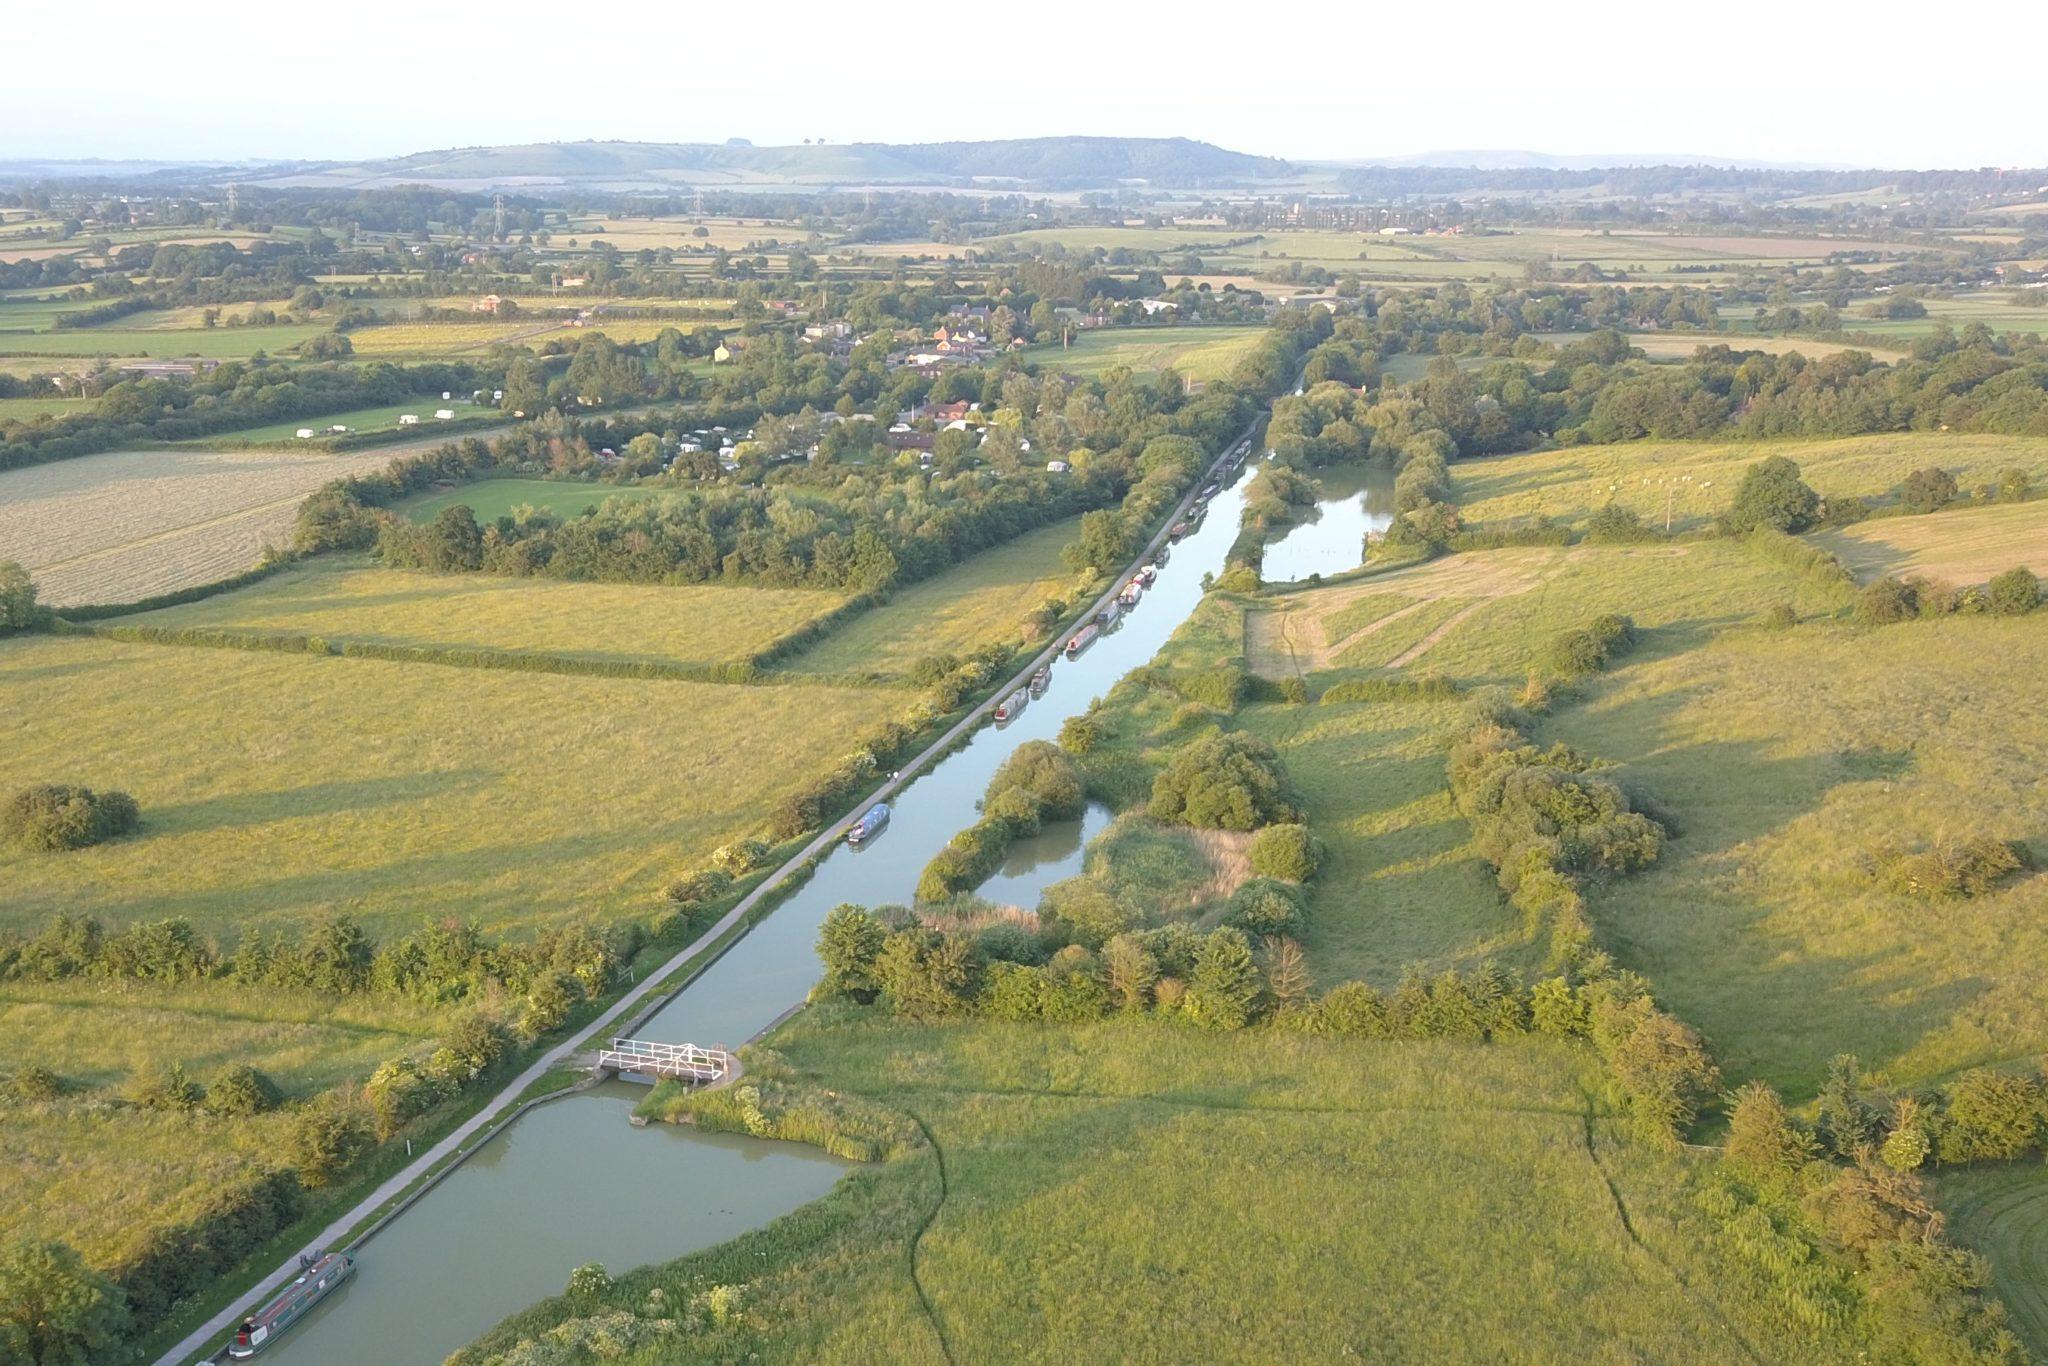 Fennec-Fox-at-Sells-Green-swing-bridge